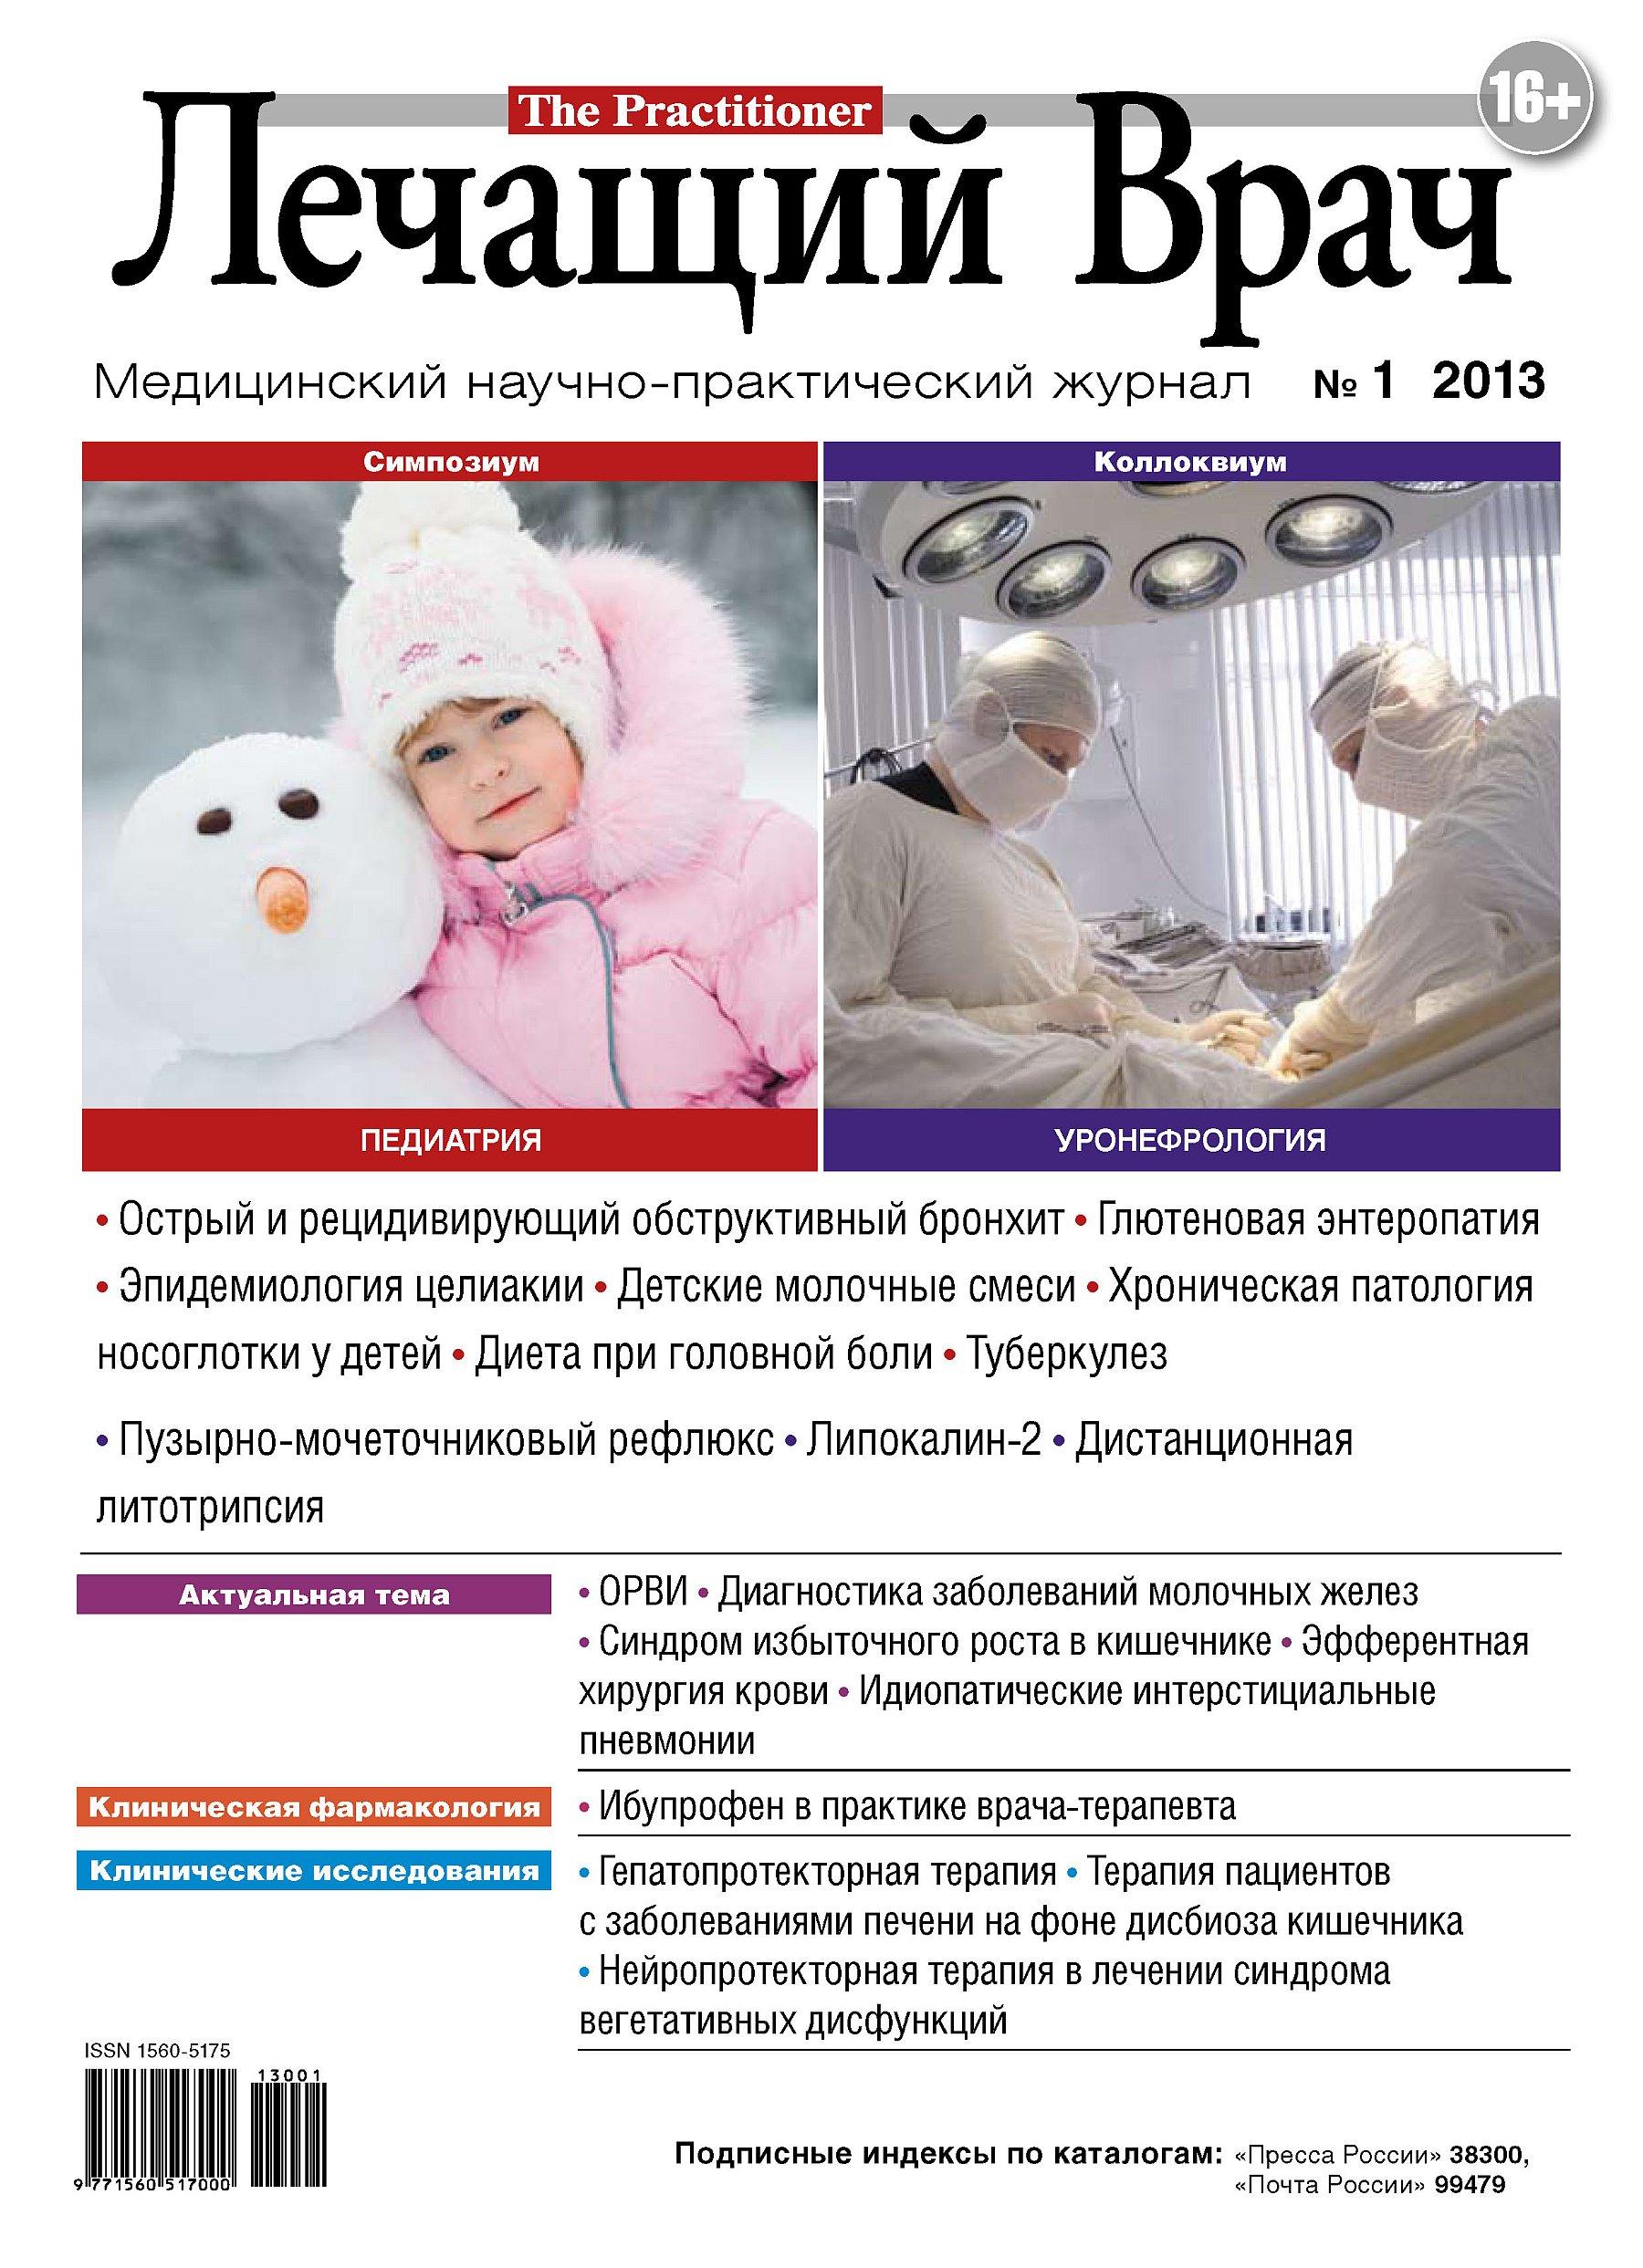 Открытые системы Журнал «Лечащий Врач» №01/2013 открытые системы журнал лечащий врач 02 2013